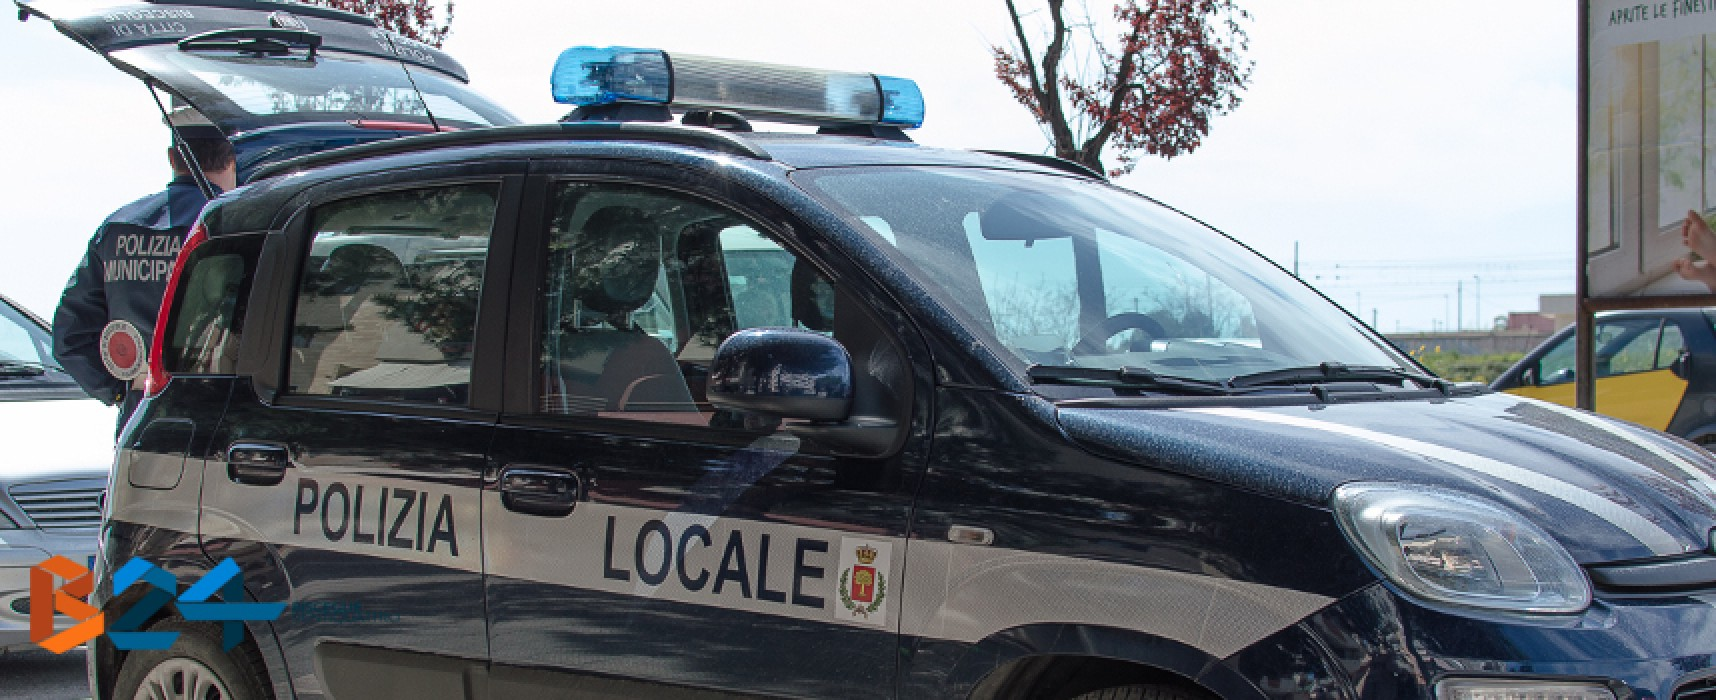 Ubriaco, dà in escandescenza in centro: 50enne algerino fermato dalla polizia municipale